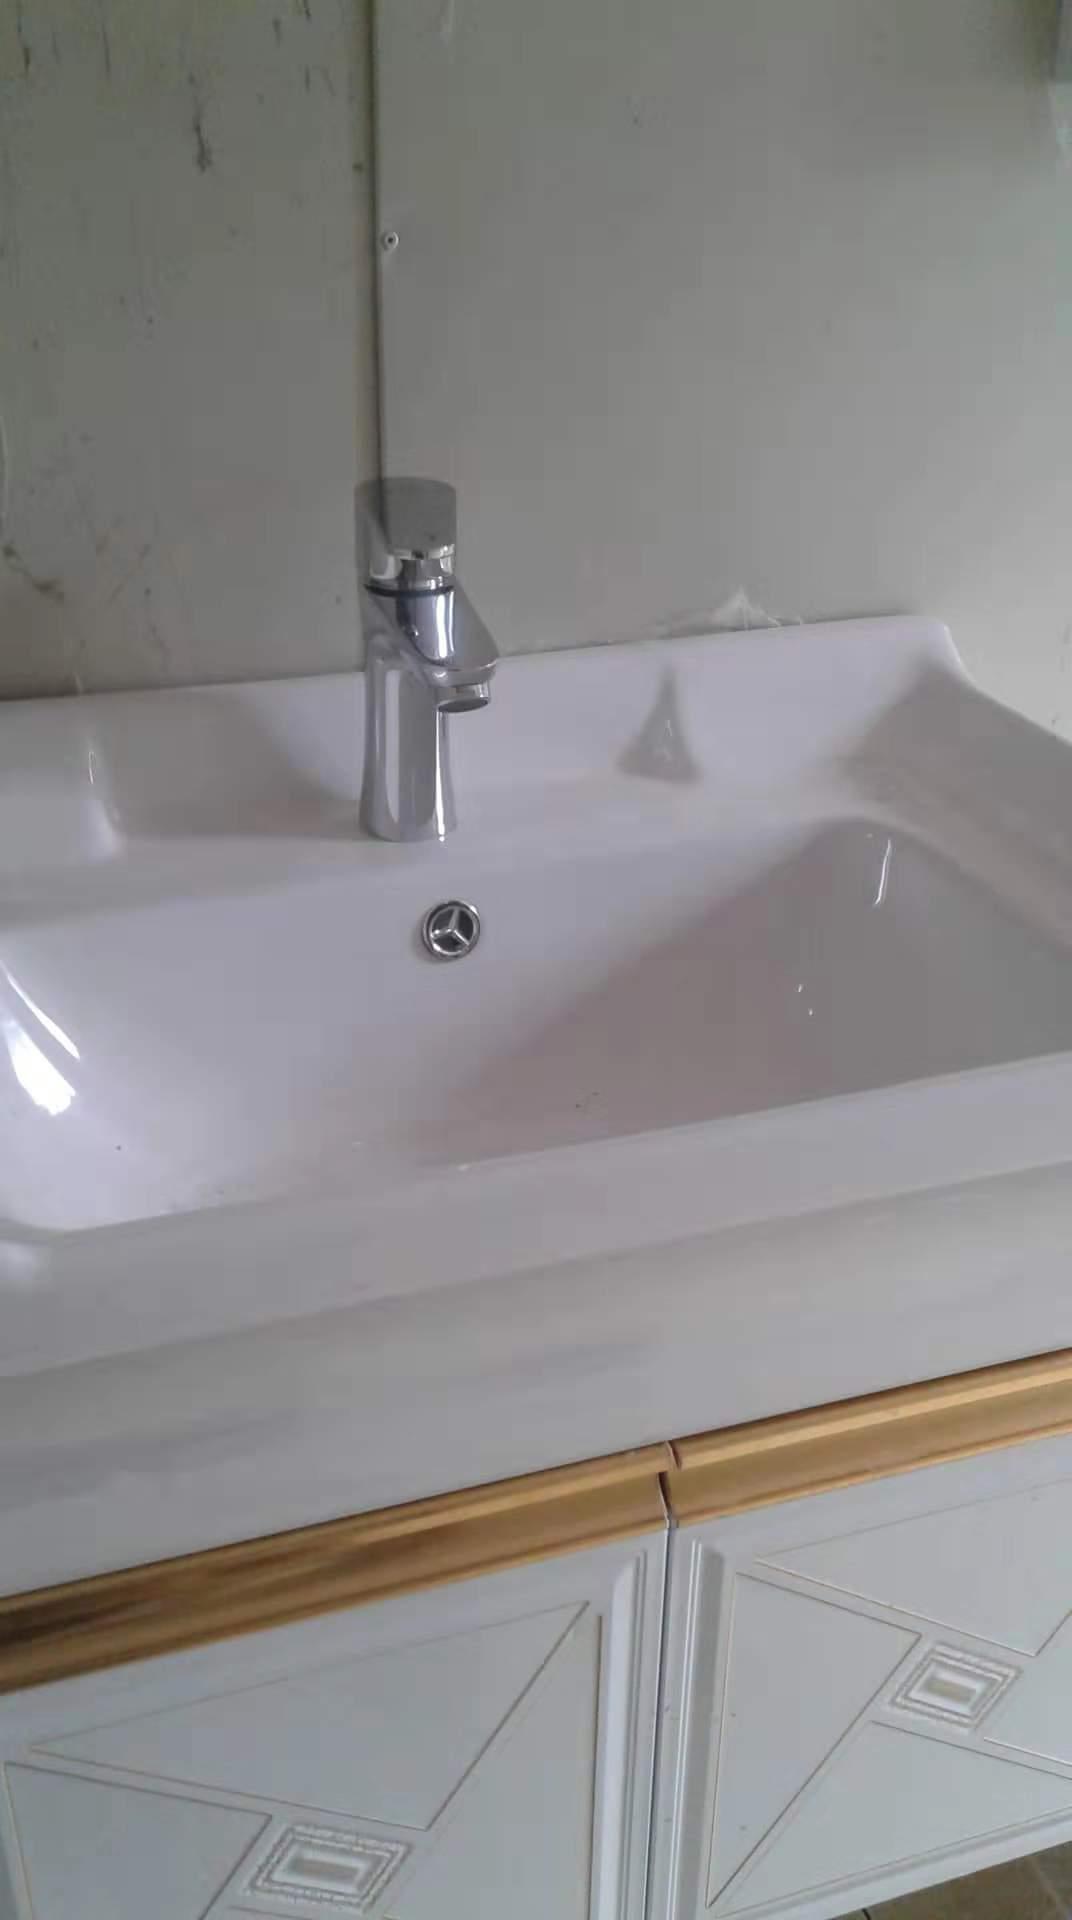 The wash basin